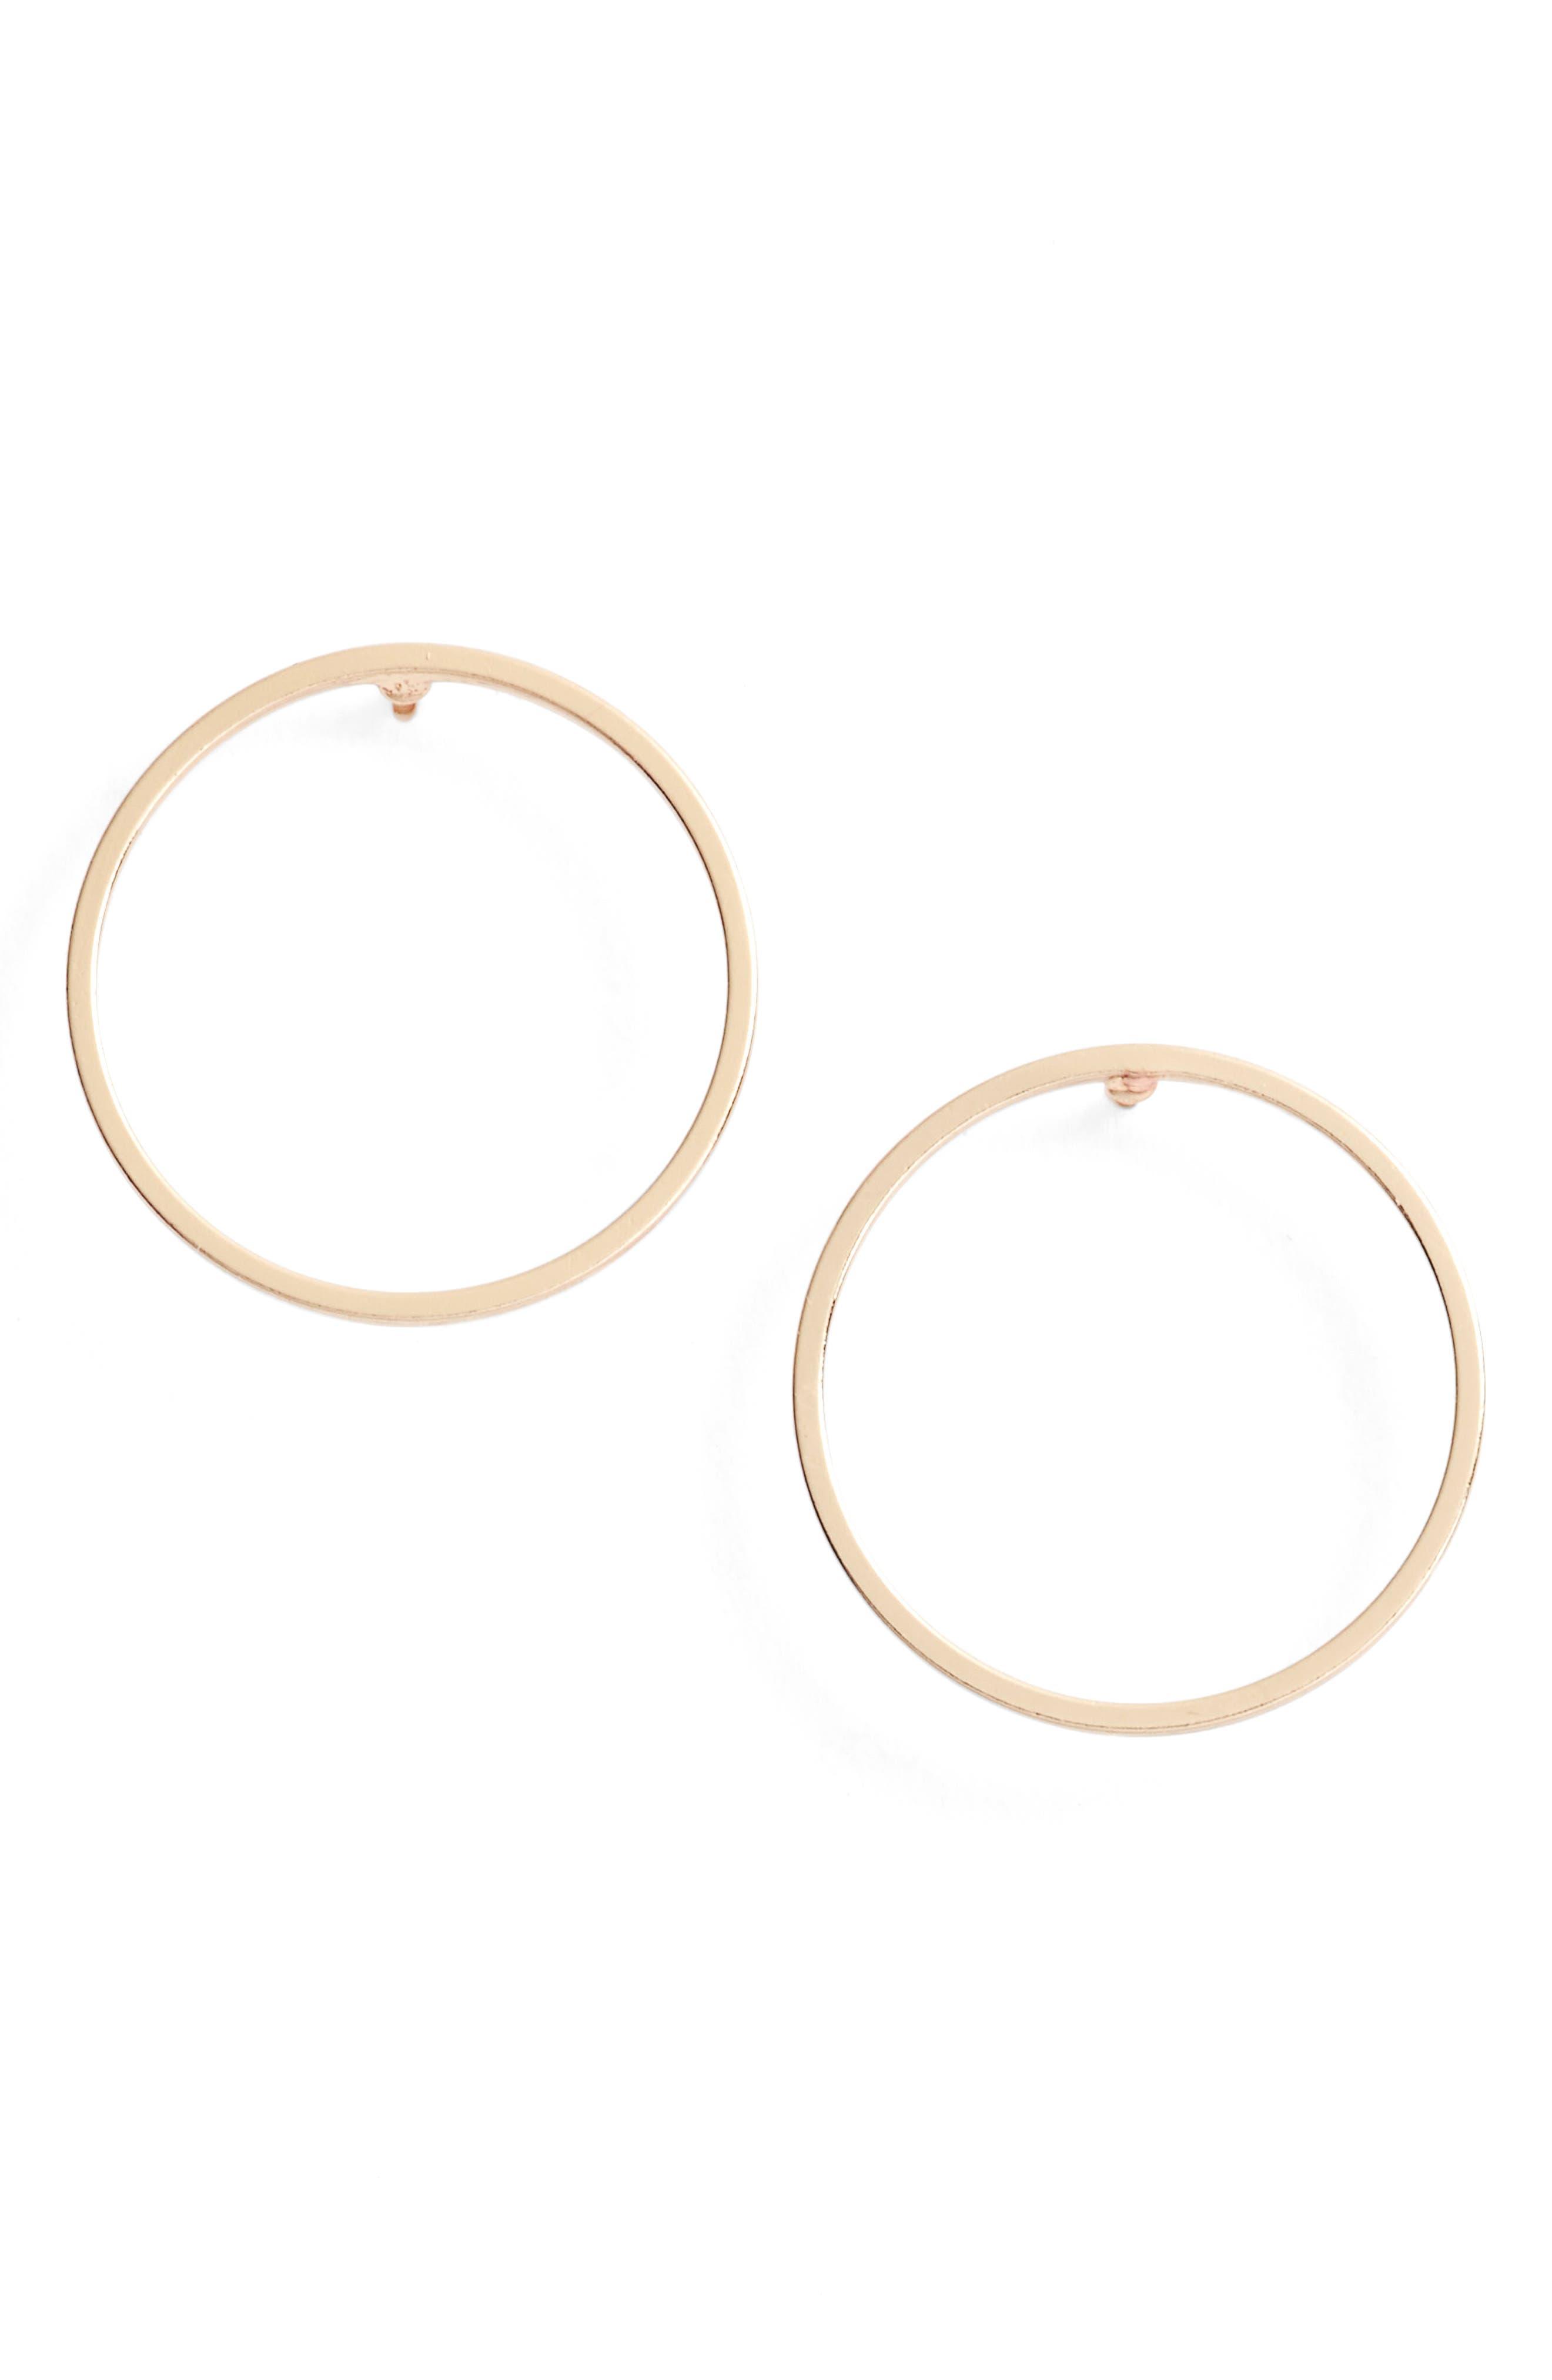 Jules Smith Juliette Circle Earrings